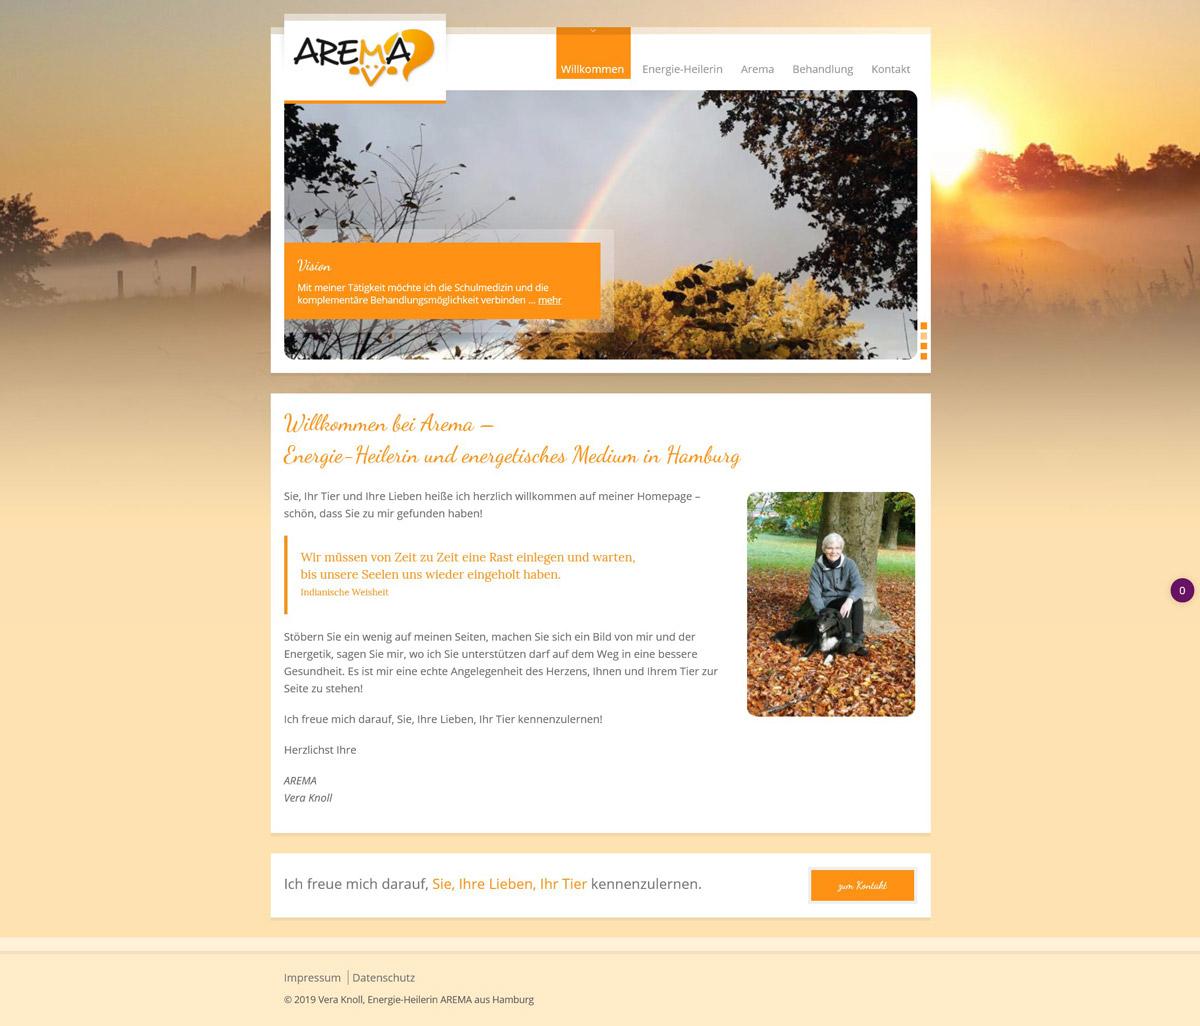 Webdesign für Arema, Vera Knoll aus Hamburg